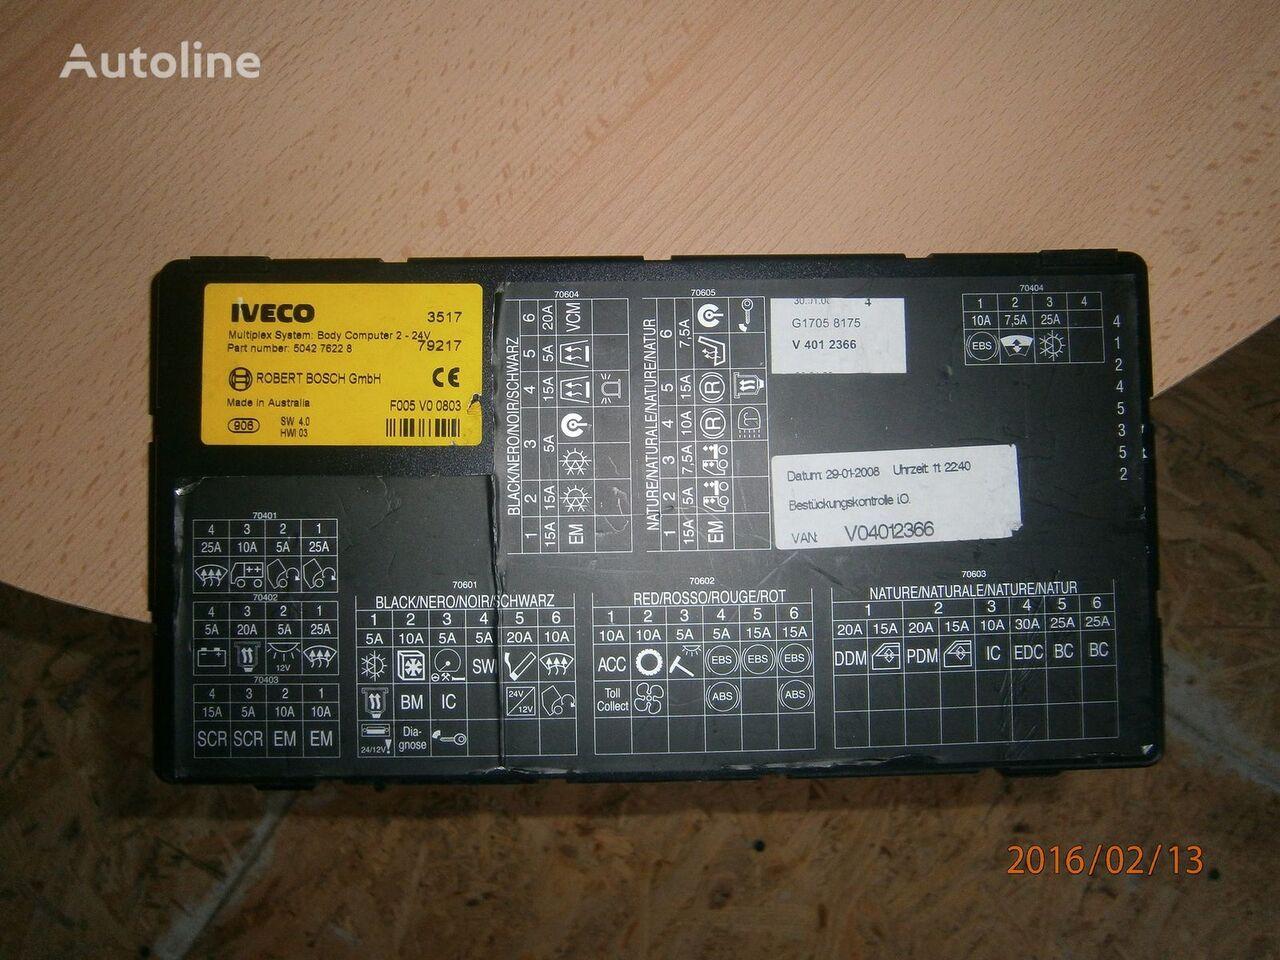 IVECO EURO5 Multiplex system body computer 504276228 unidad de control para IVECO Stralis tractora